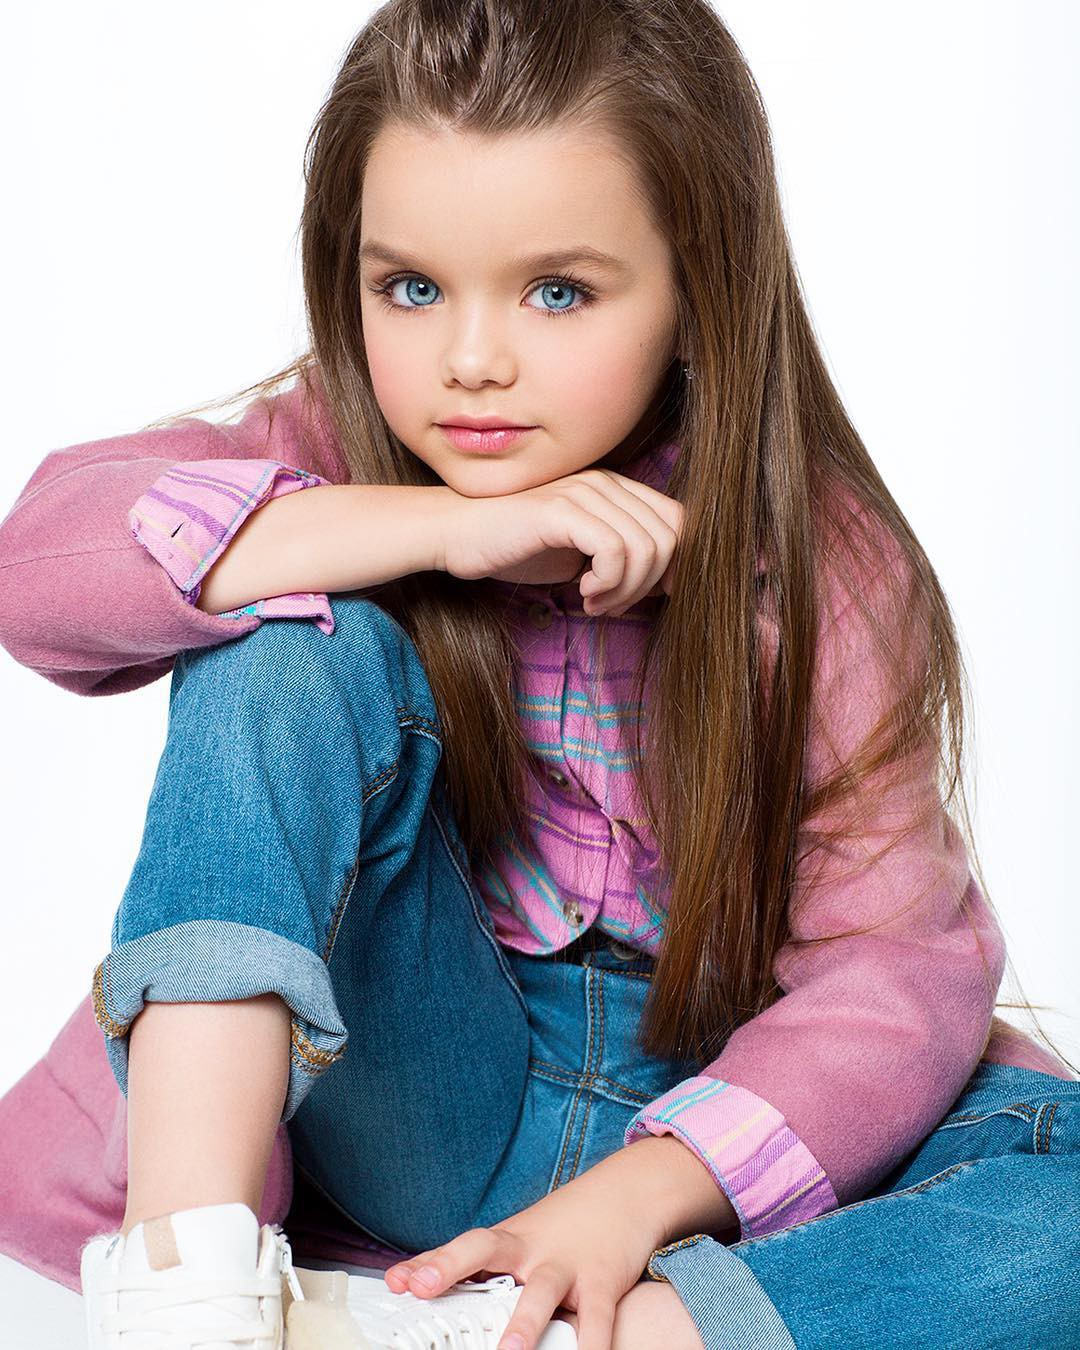 Chiêm ngưỡng dung nhan của bé gái xinh nhất thế giới - Ảnh 3.